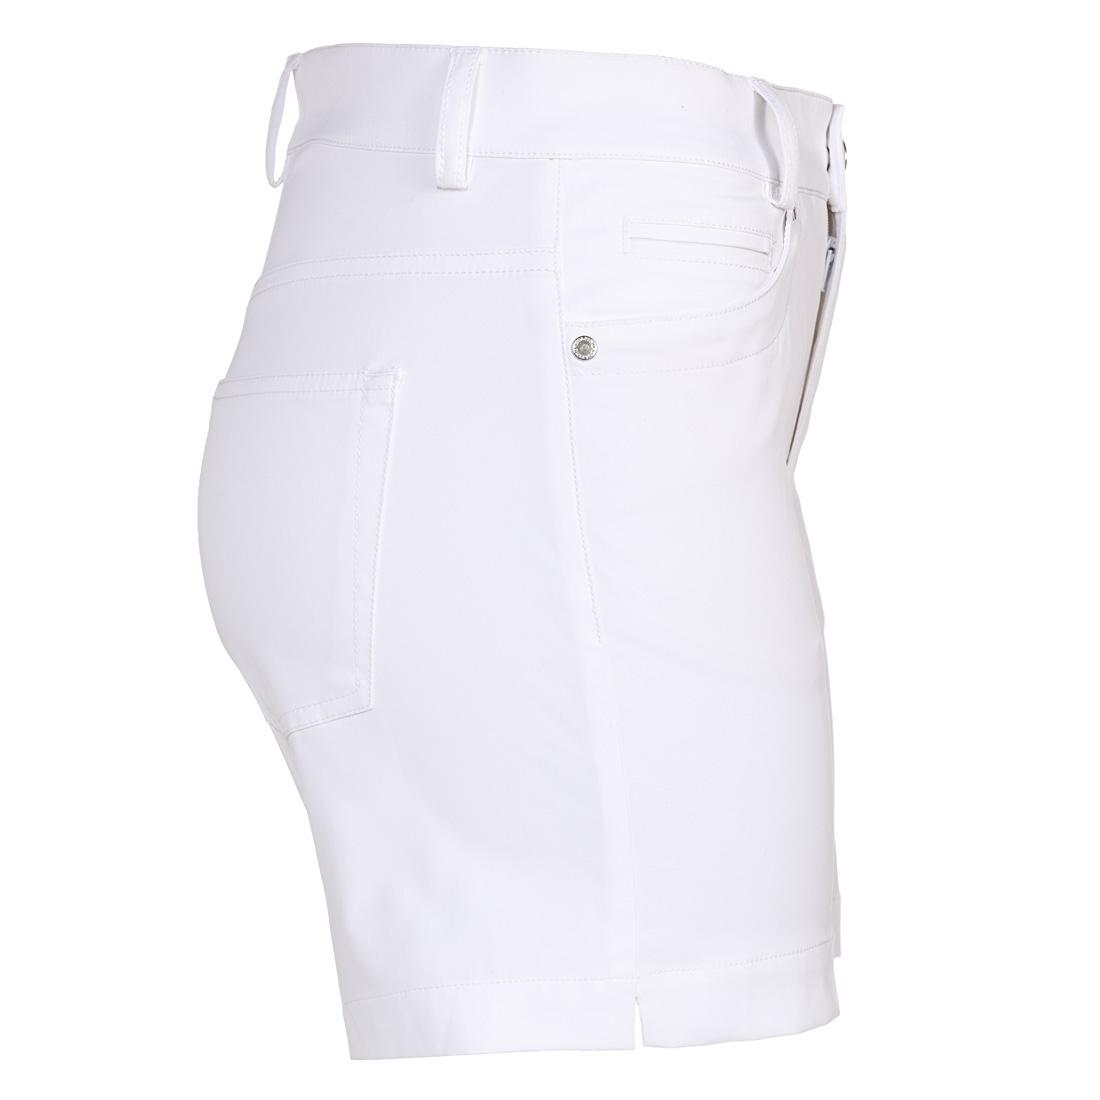 Damen Golfbermuda in kurzem Slim Fit mit Stretch-Anteil und Sonnenschutz